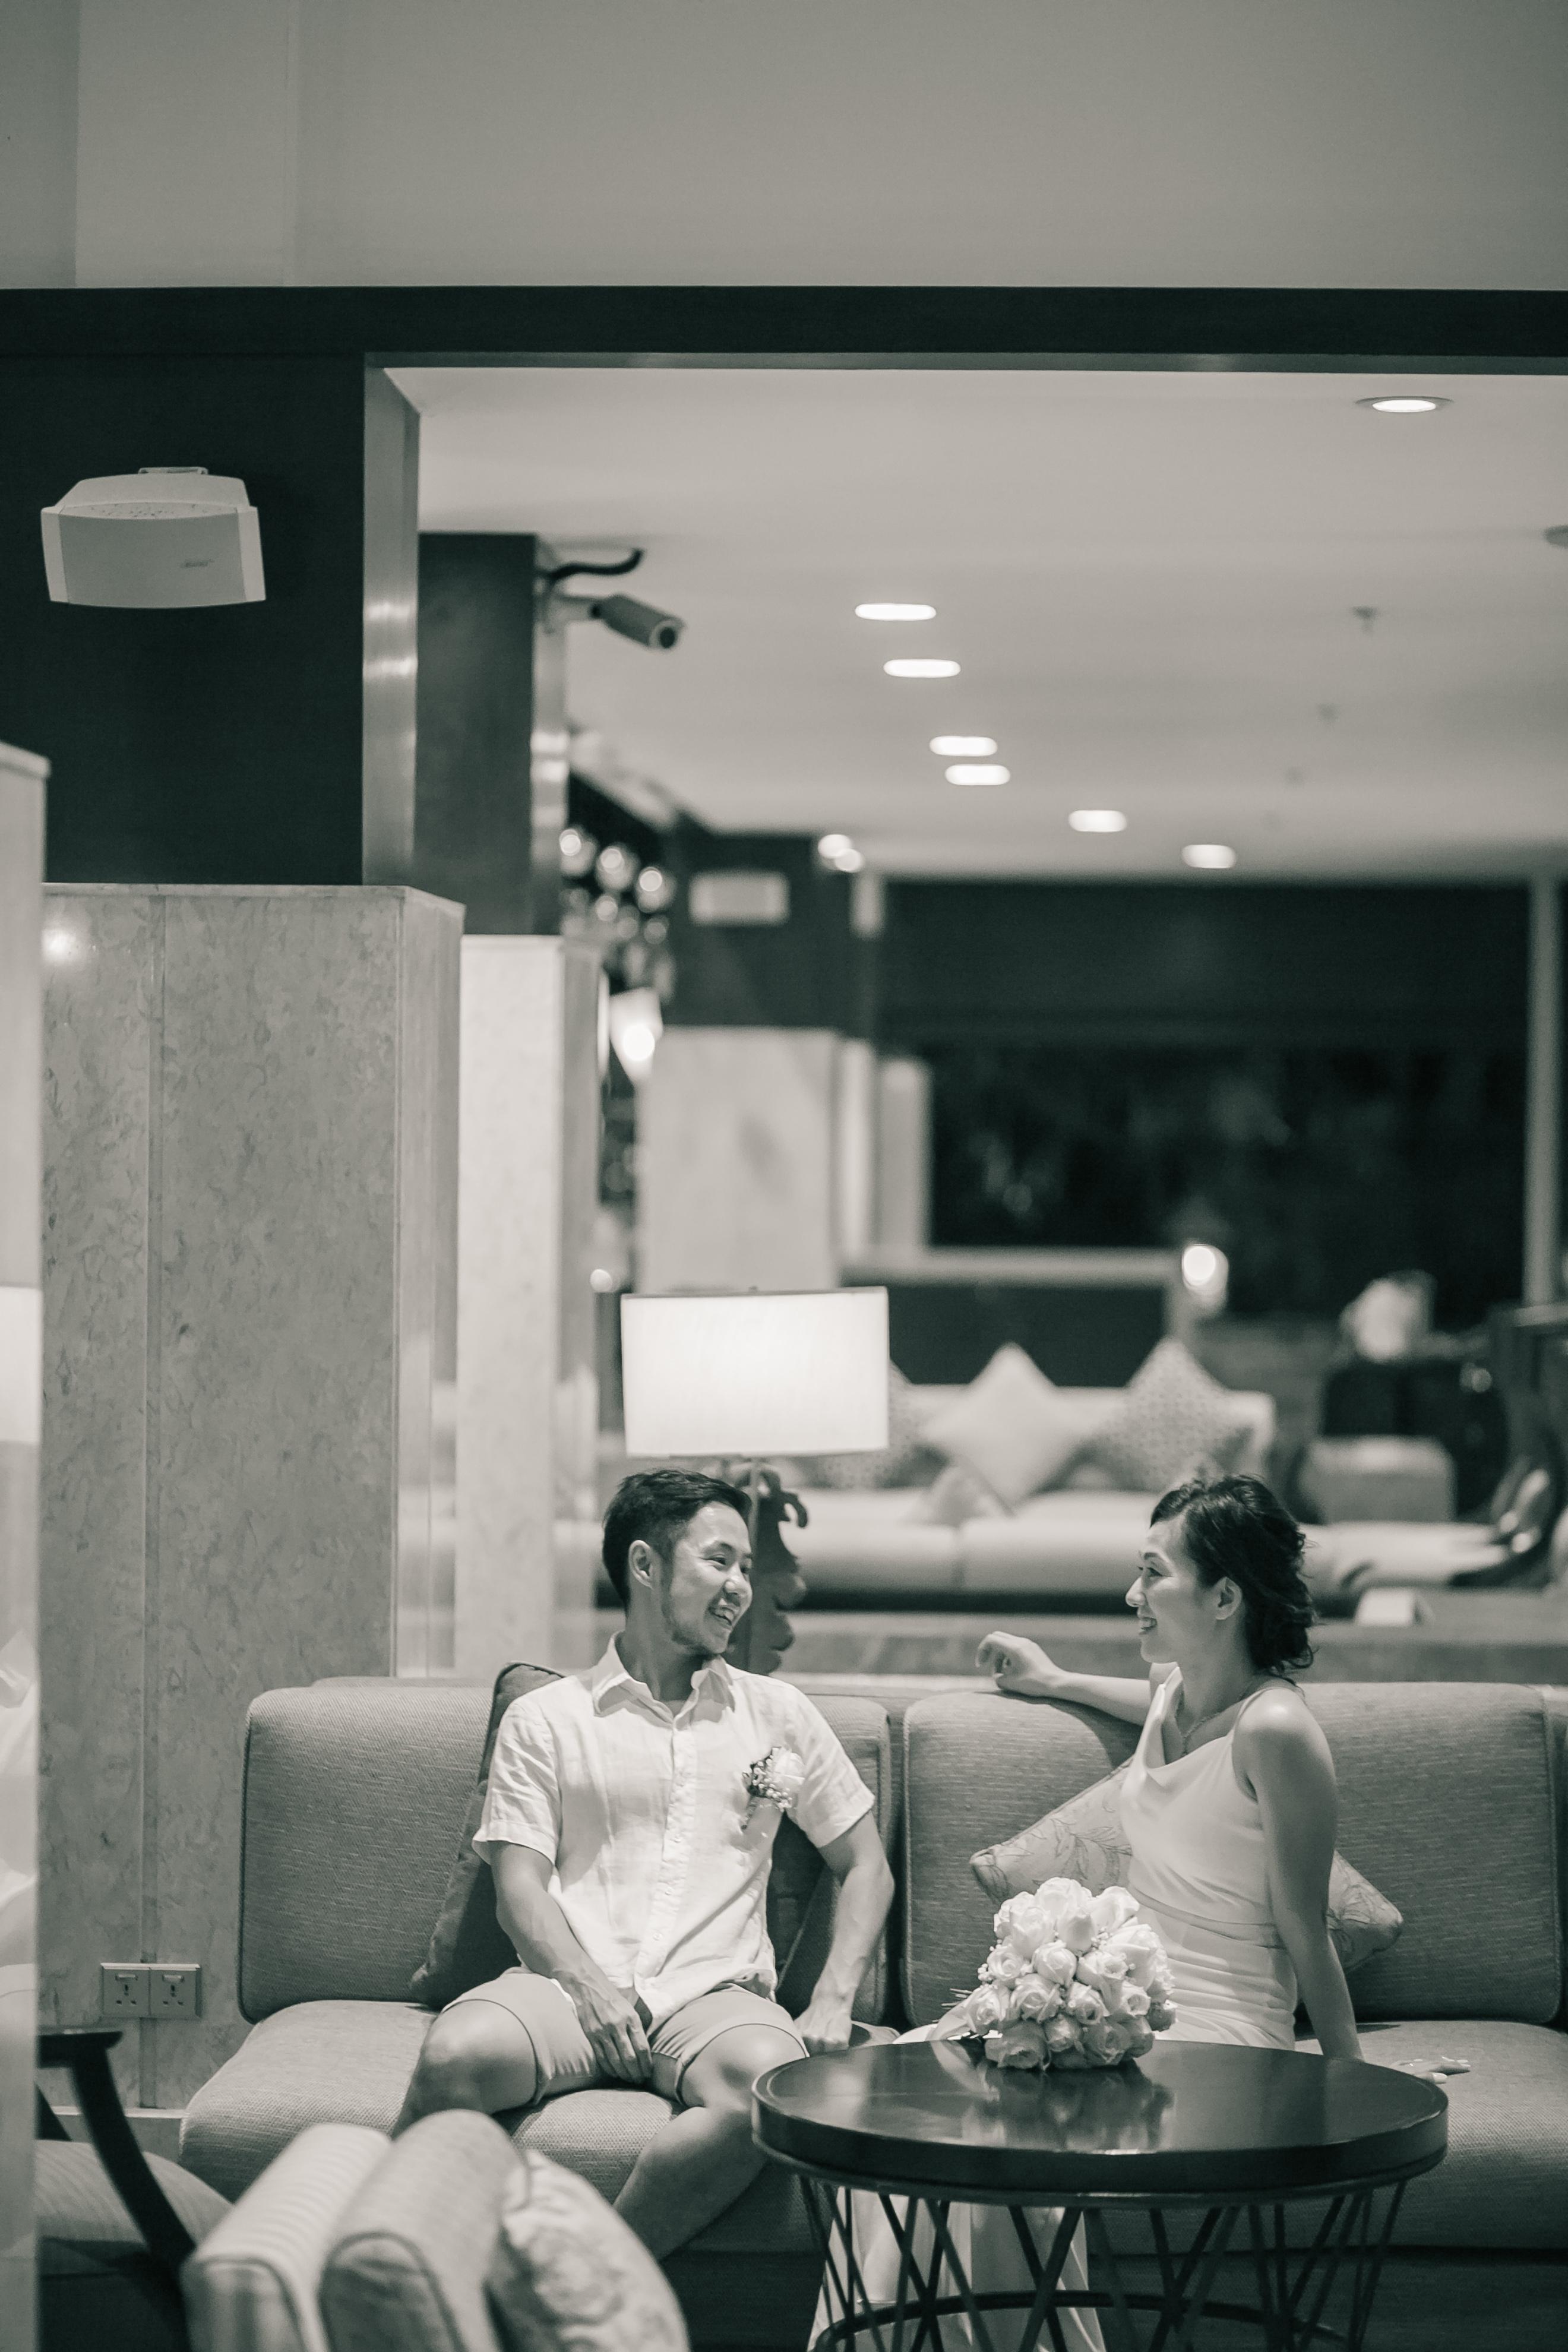 Malaysia, kotakinabalu, asia, wedding, weddings, destination wedding, wedding photographer, wedding gown,